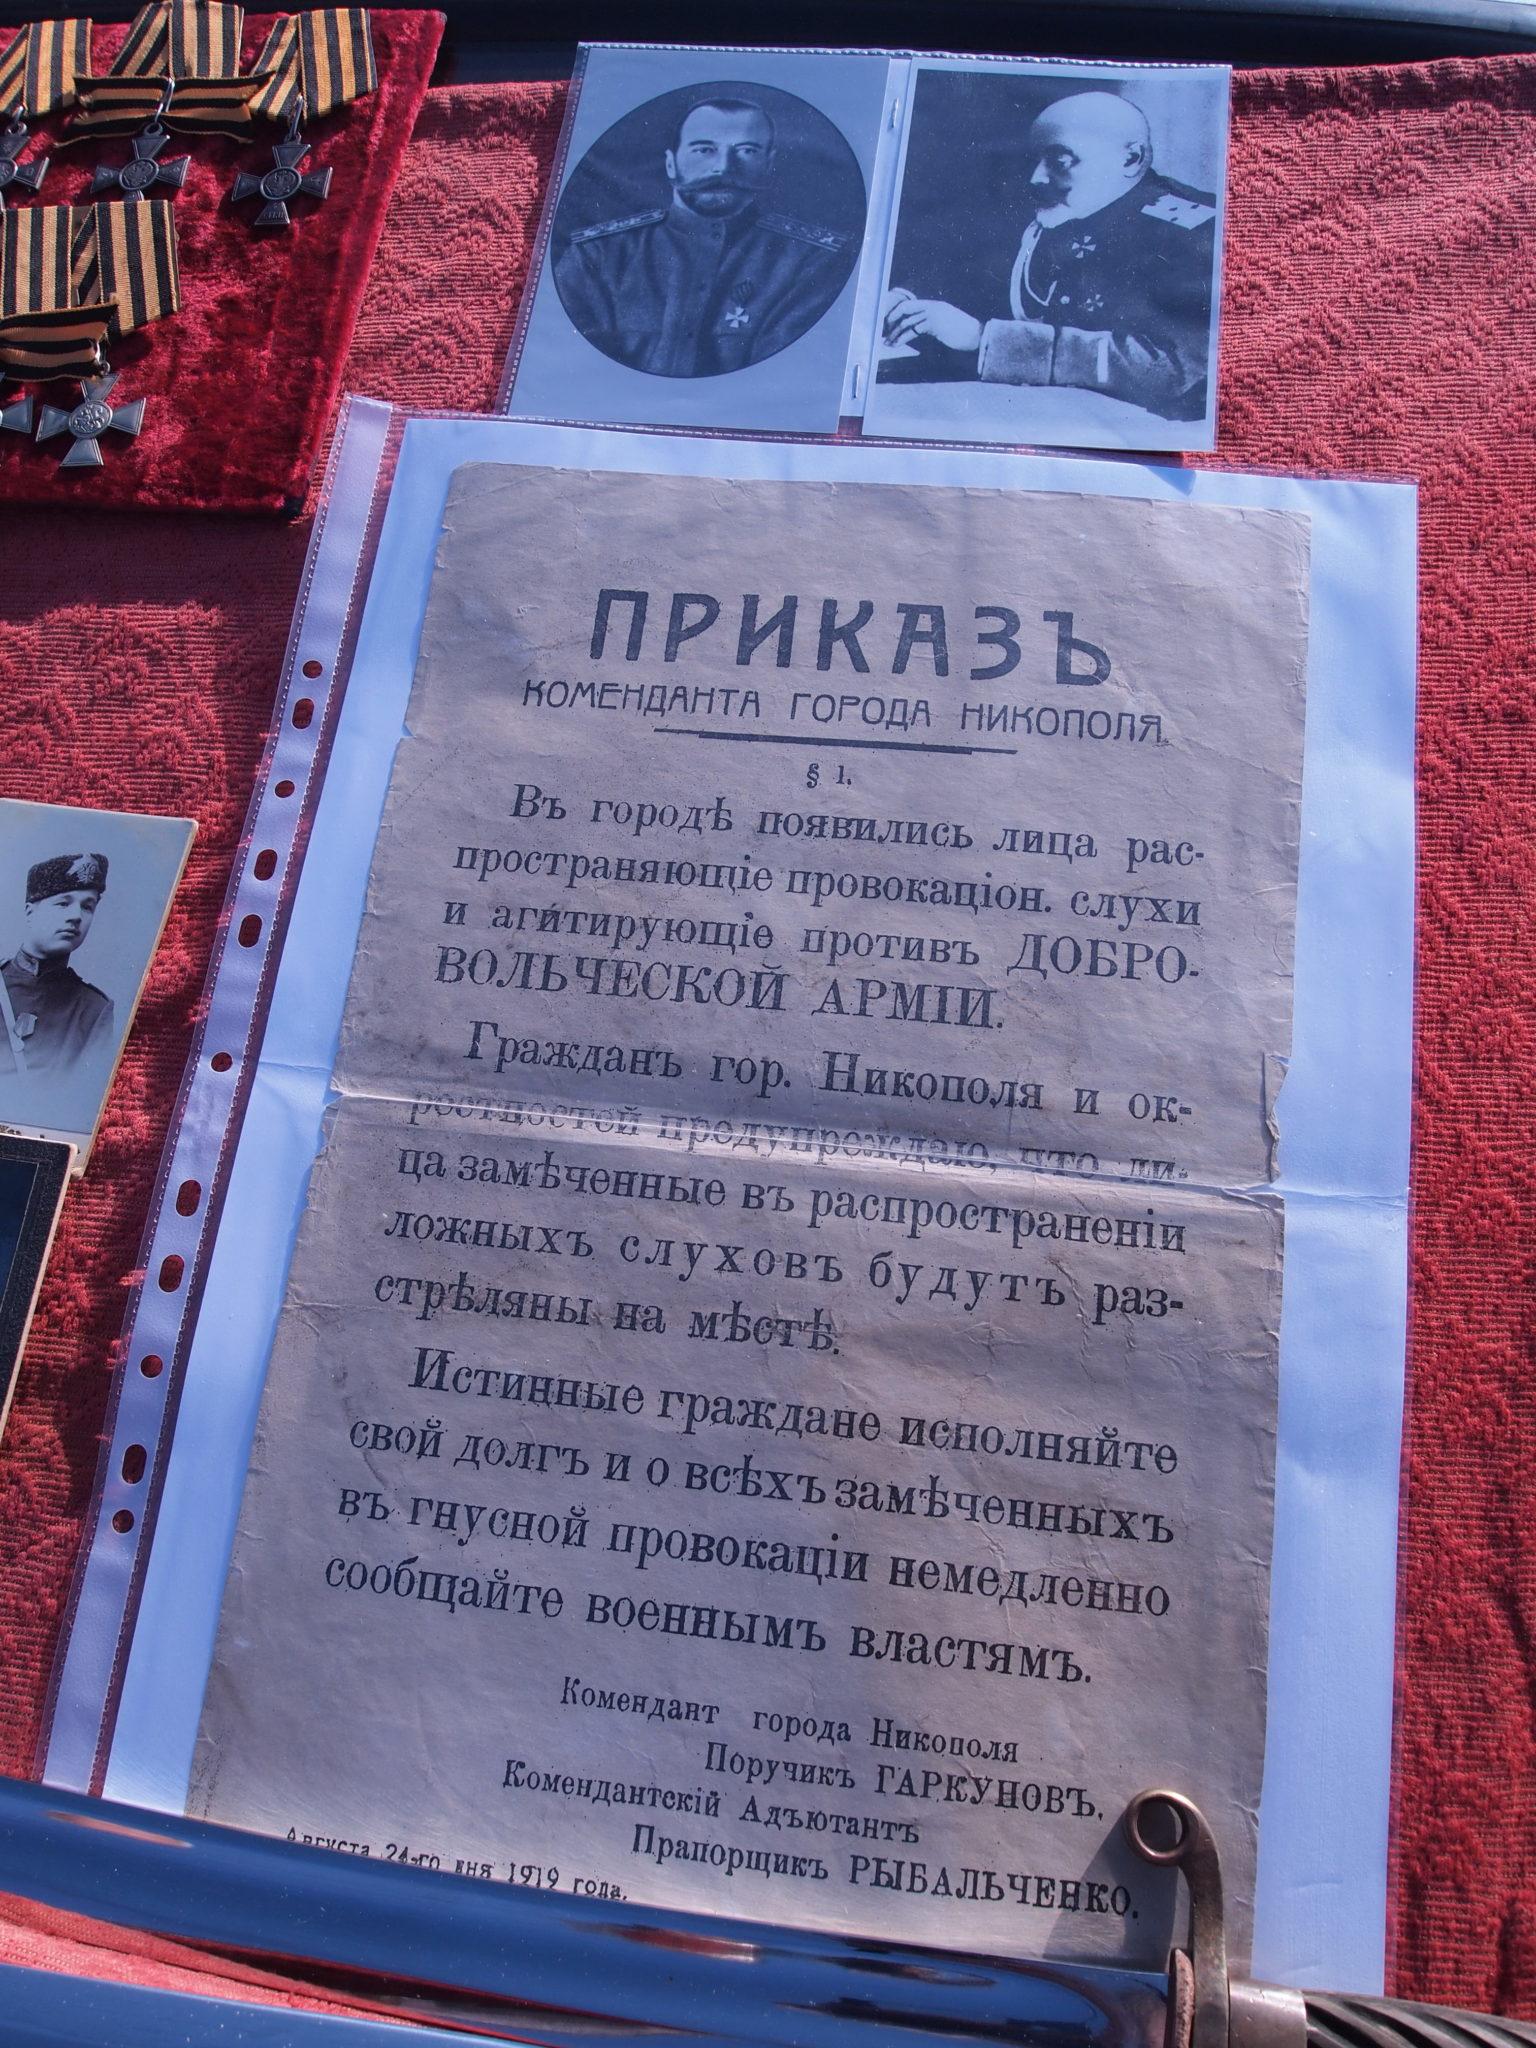 Улицы Никополя в годы революции, гражданской войны 1917-1921 годов и смуты тех годов…